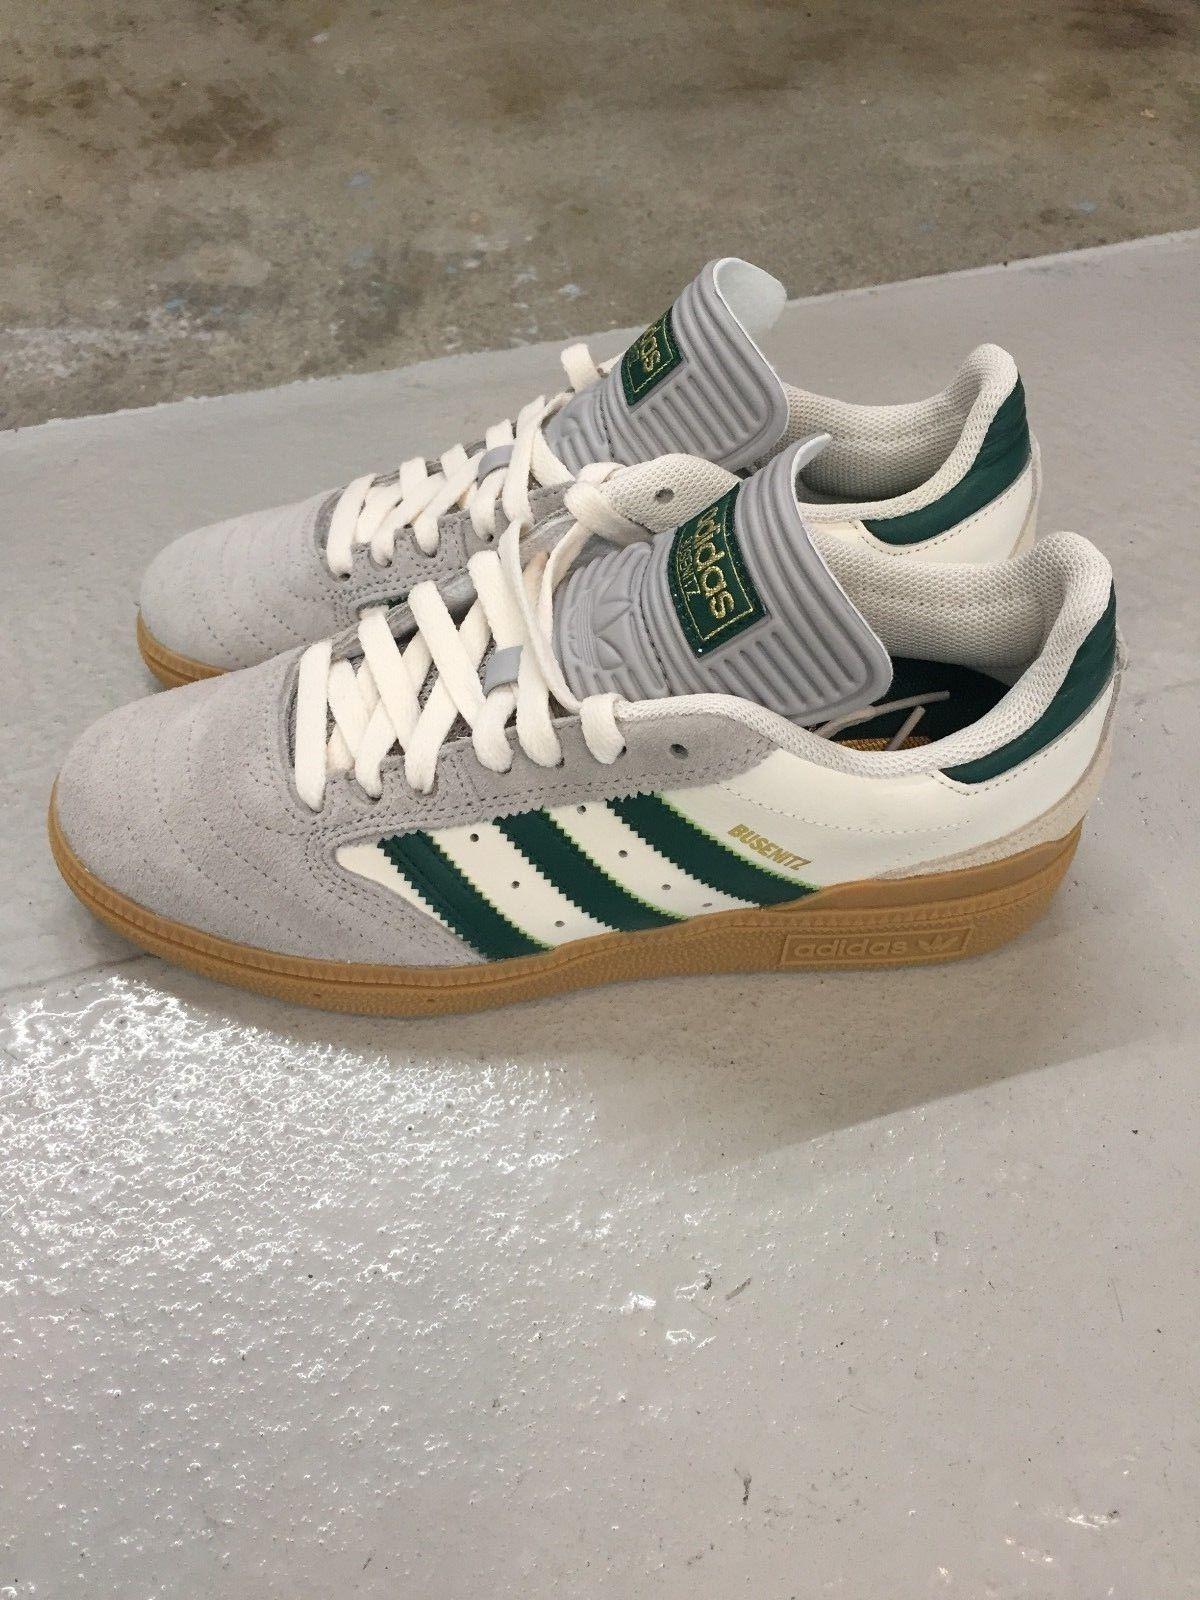 Adidas Busenitz Pro hombre 's Skateboard zapatos y 50 artículos similares